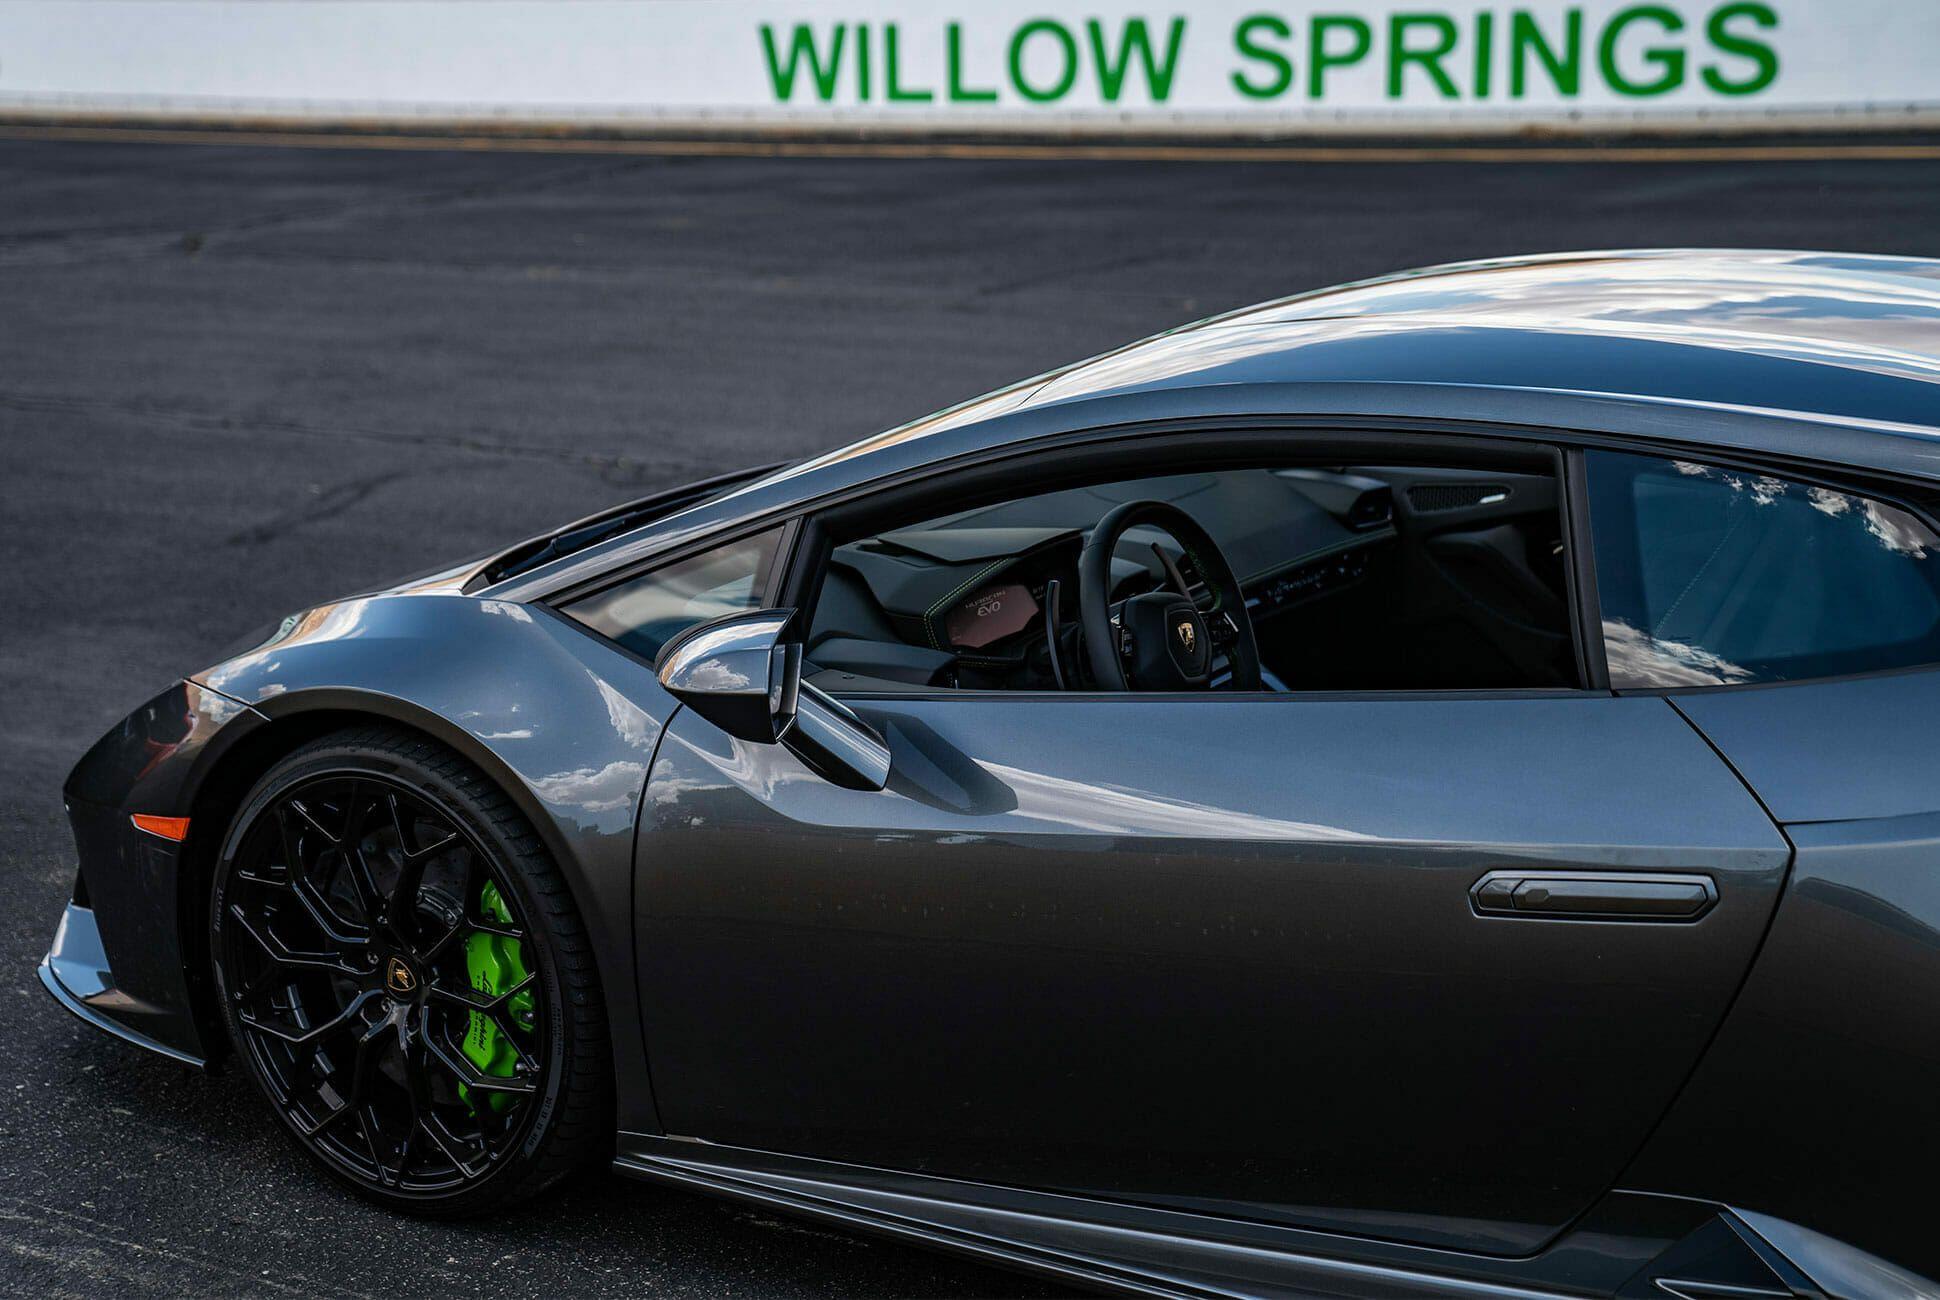 2020-Lamborghini-Huracan-EVO-Review-gear-patrol-slide-3